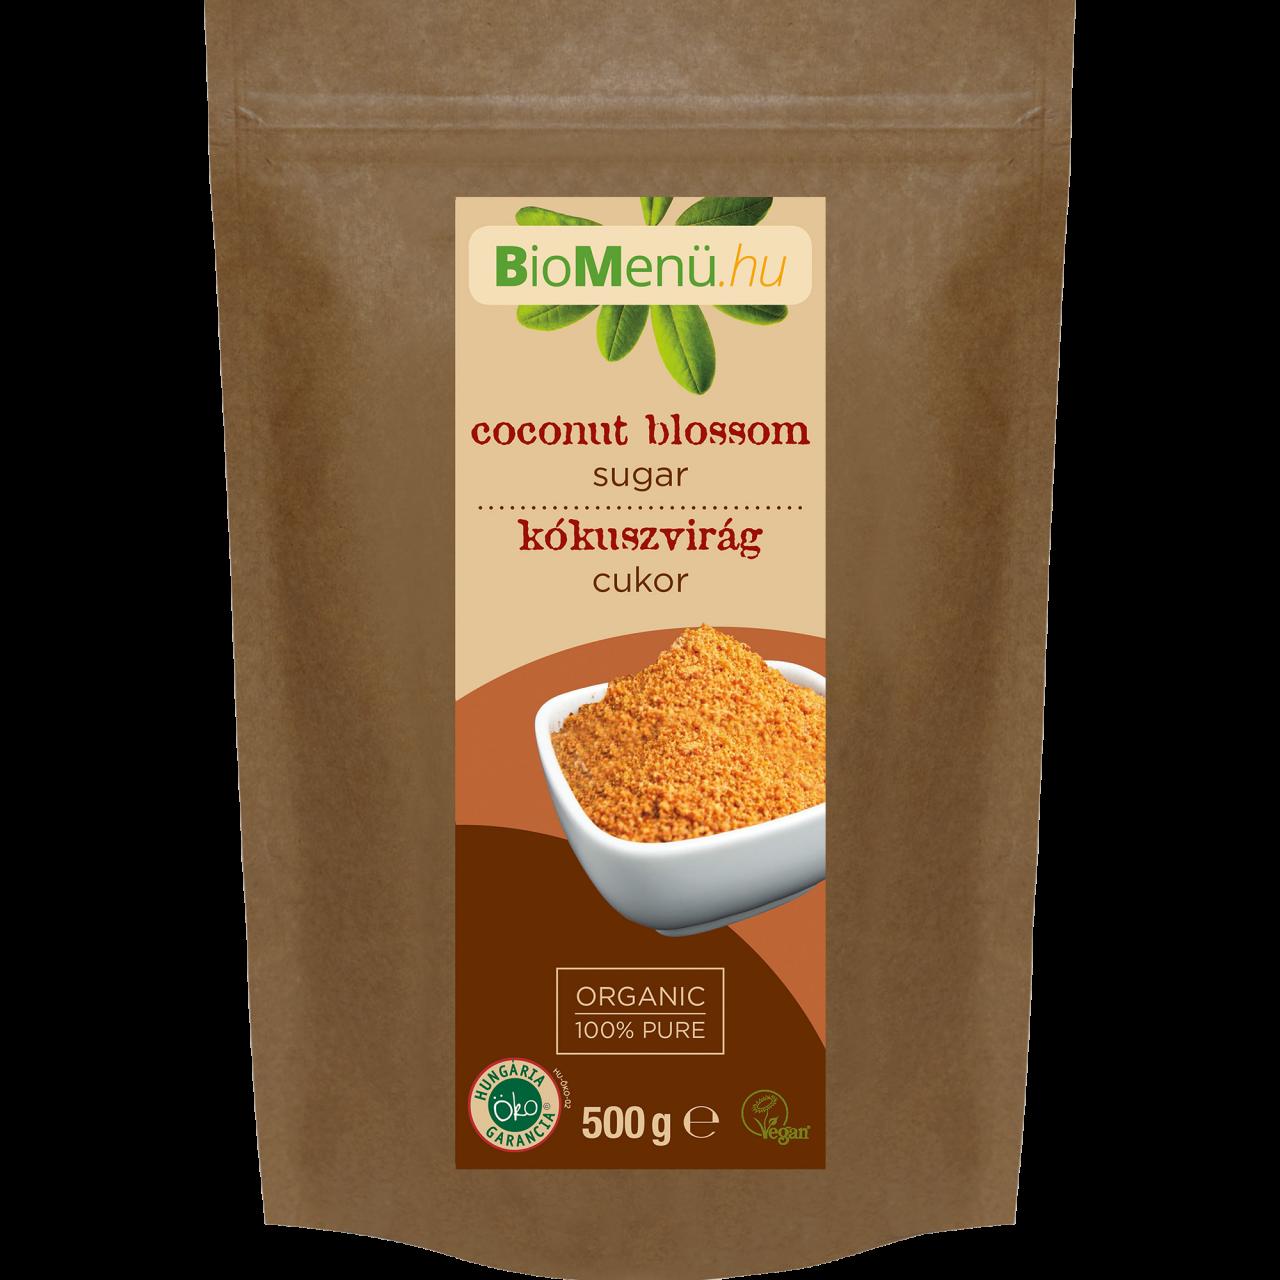 BioMenü Bio Kókuszvirág Cukor 500g